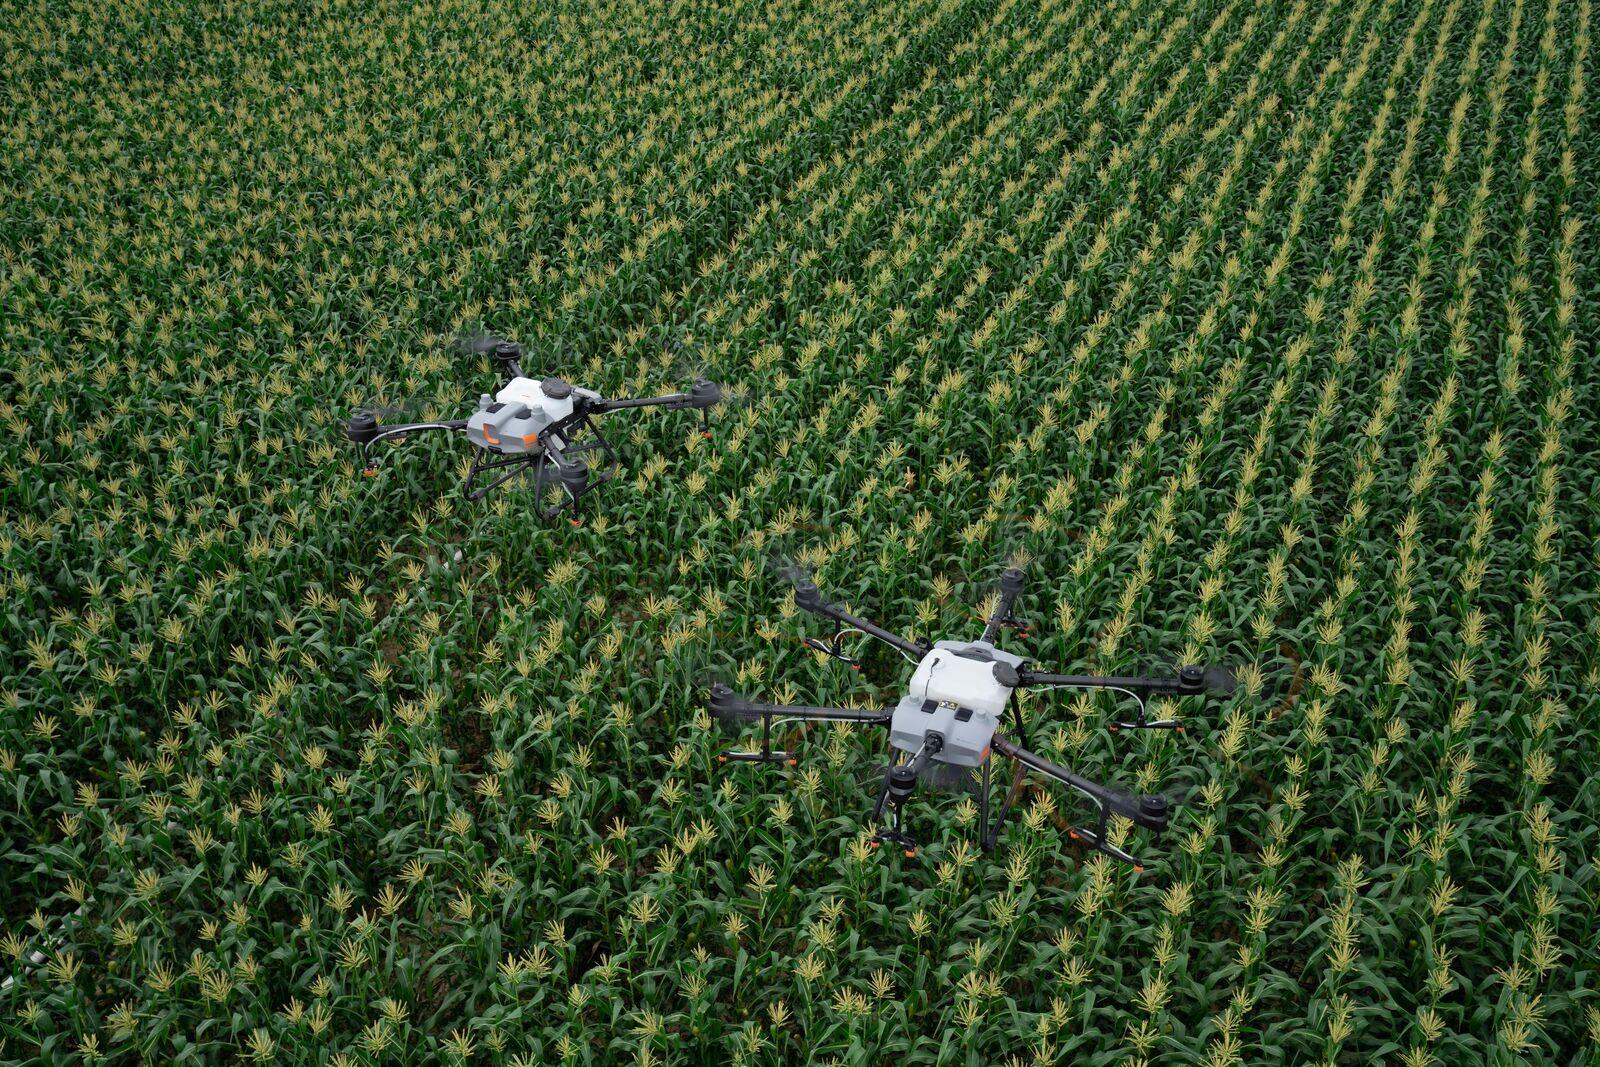 Egyedüli forgalmazóként foglalkoznak a mechanikus és hidraulikus permetező drónokkal is. Mind az öt nagy gyártót képviselik